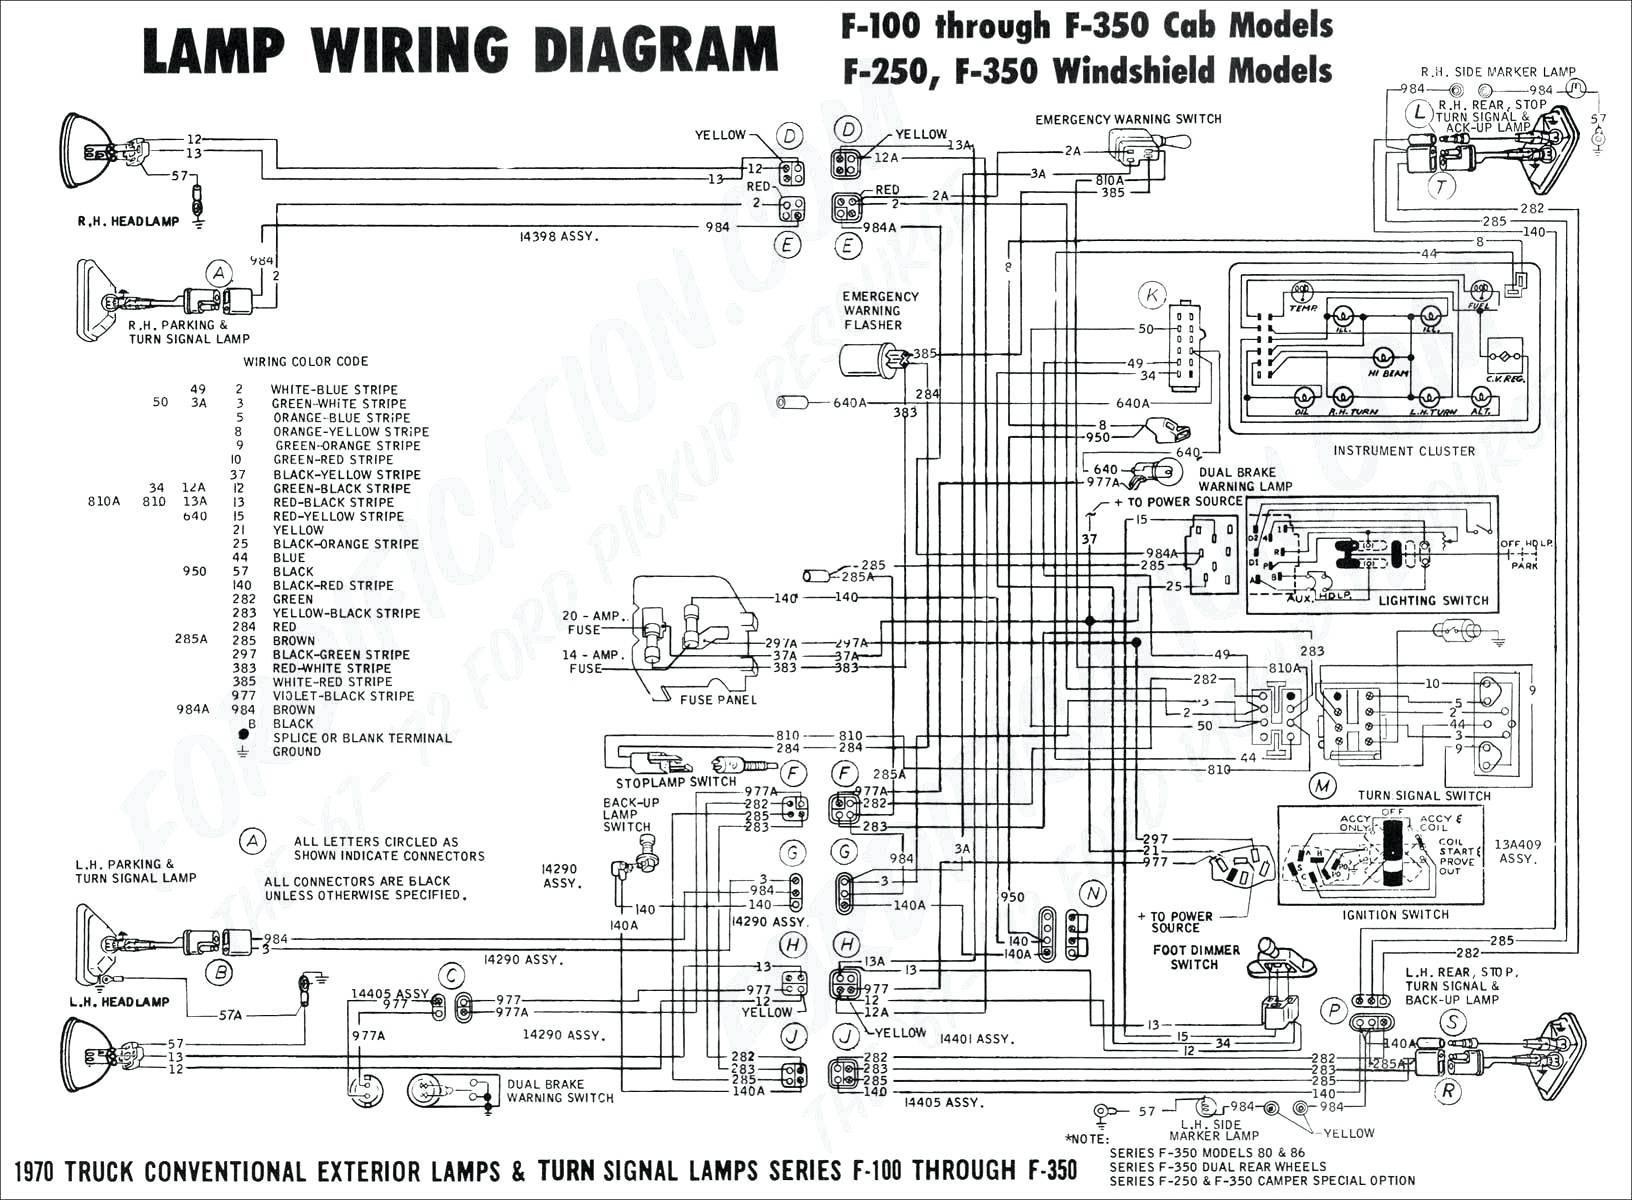 Wiring Diagram On ford 650 F101 Venus 50cc Wiring Diagram 2009 Of Wiring Diagram On ford 650